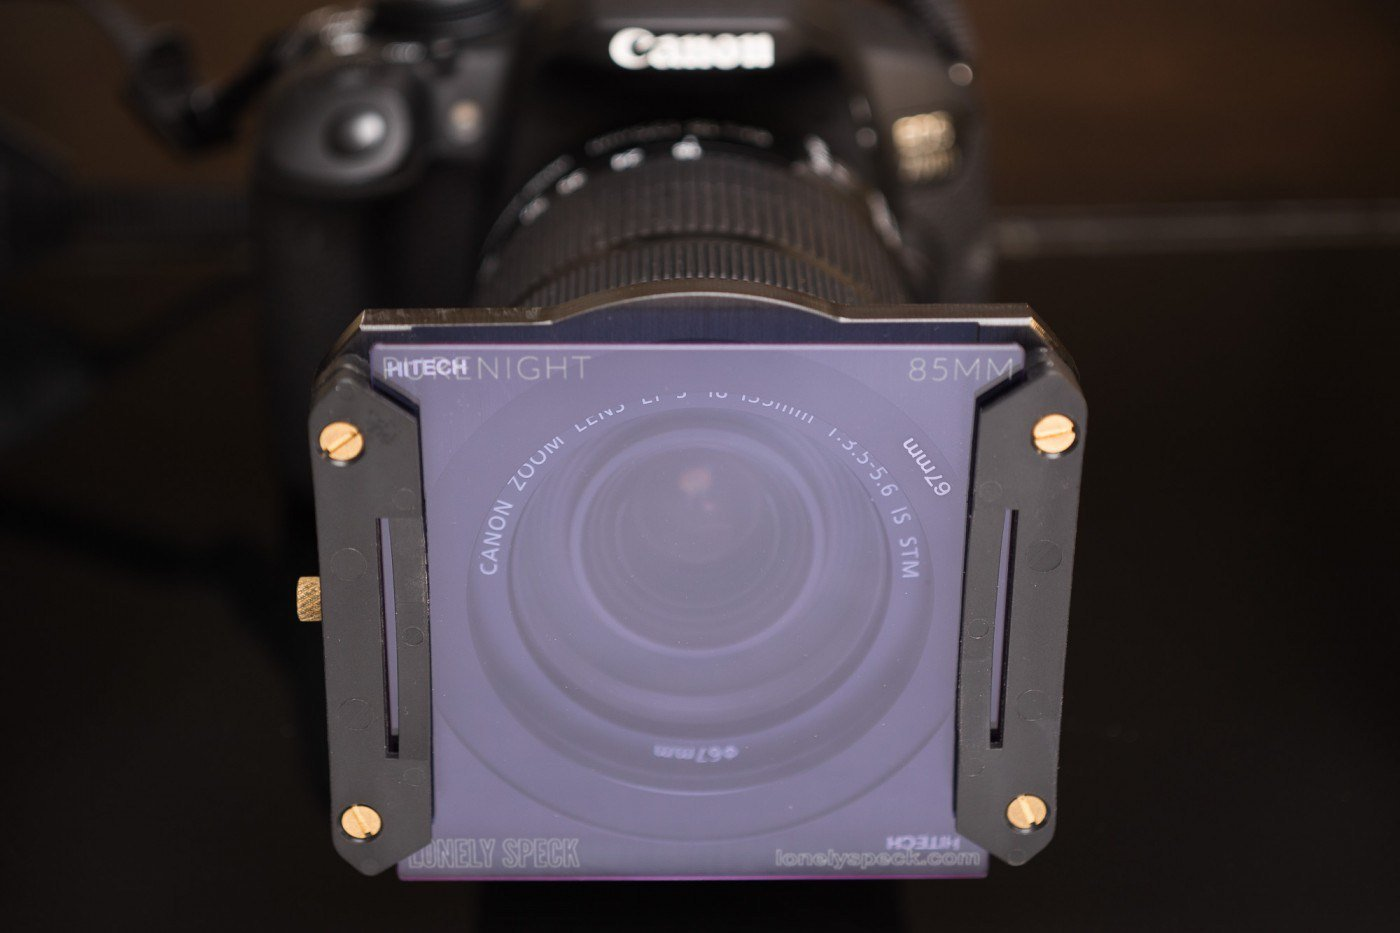 Фильтр PureNightm — светофильтр, который снижает степень светового загрязнения ночного неба